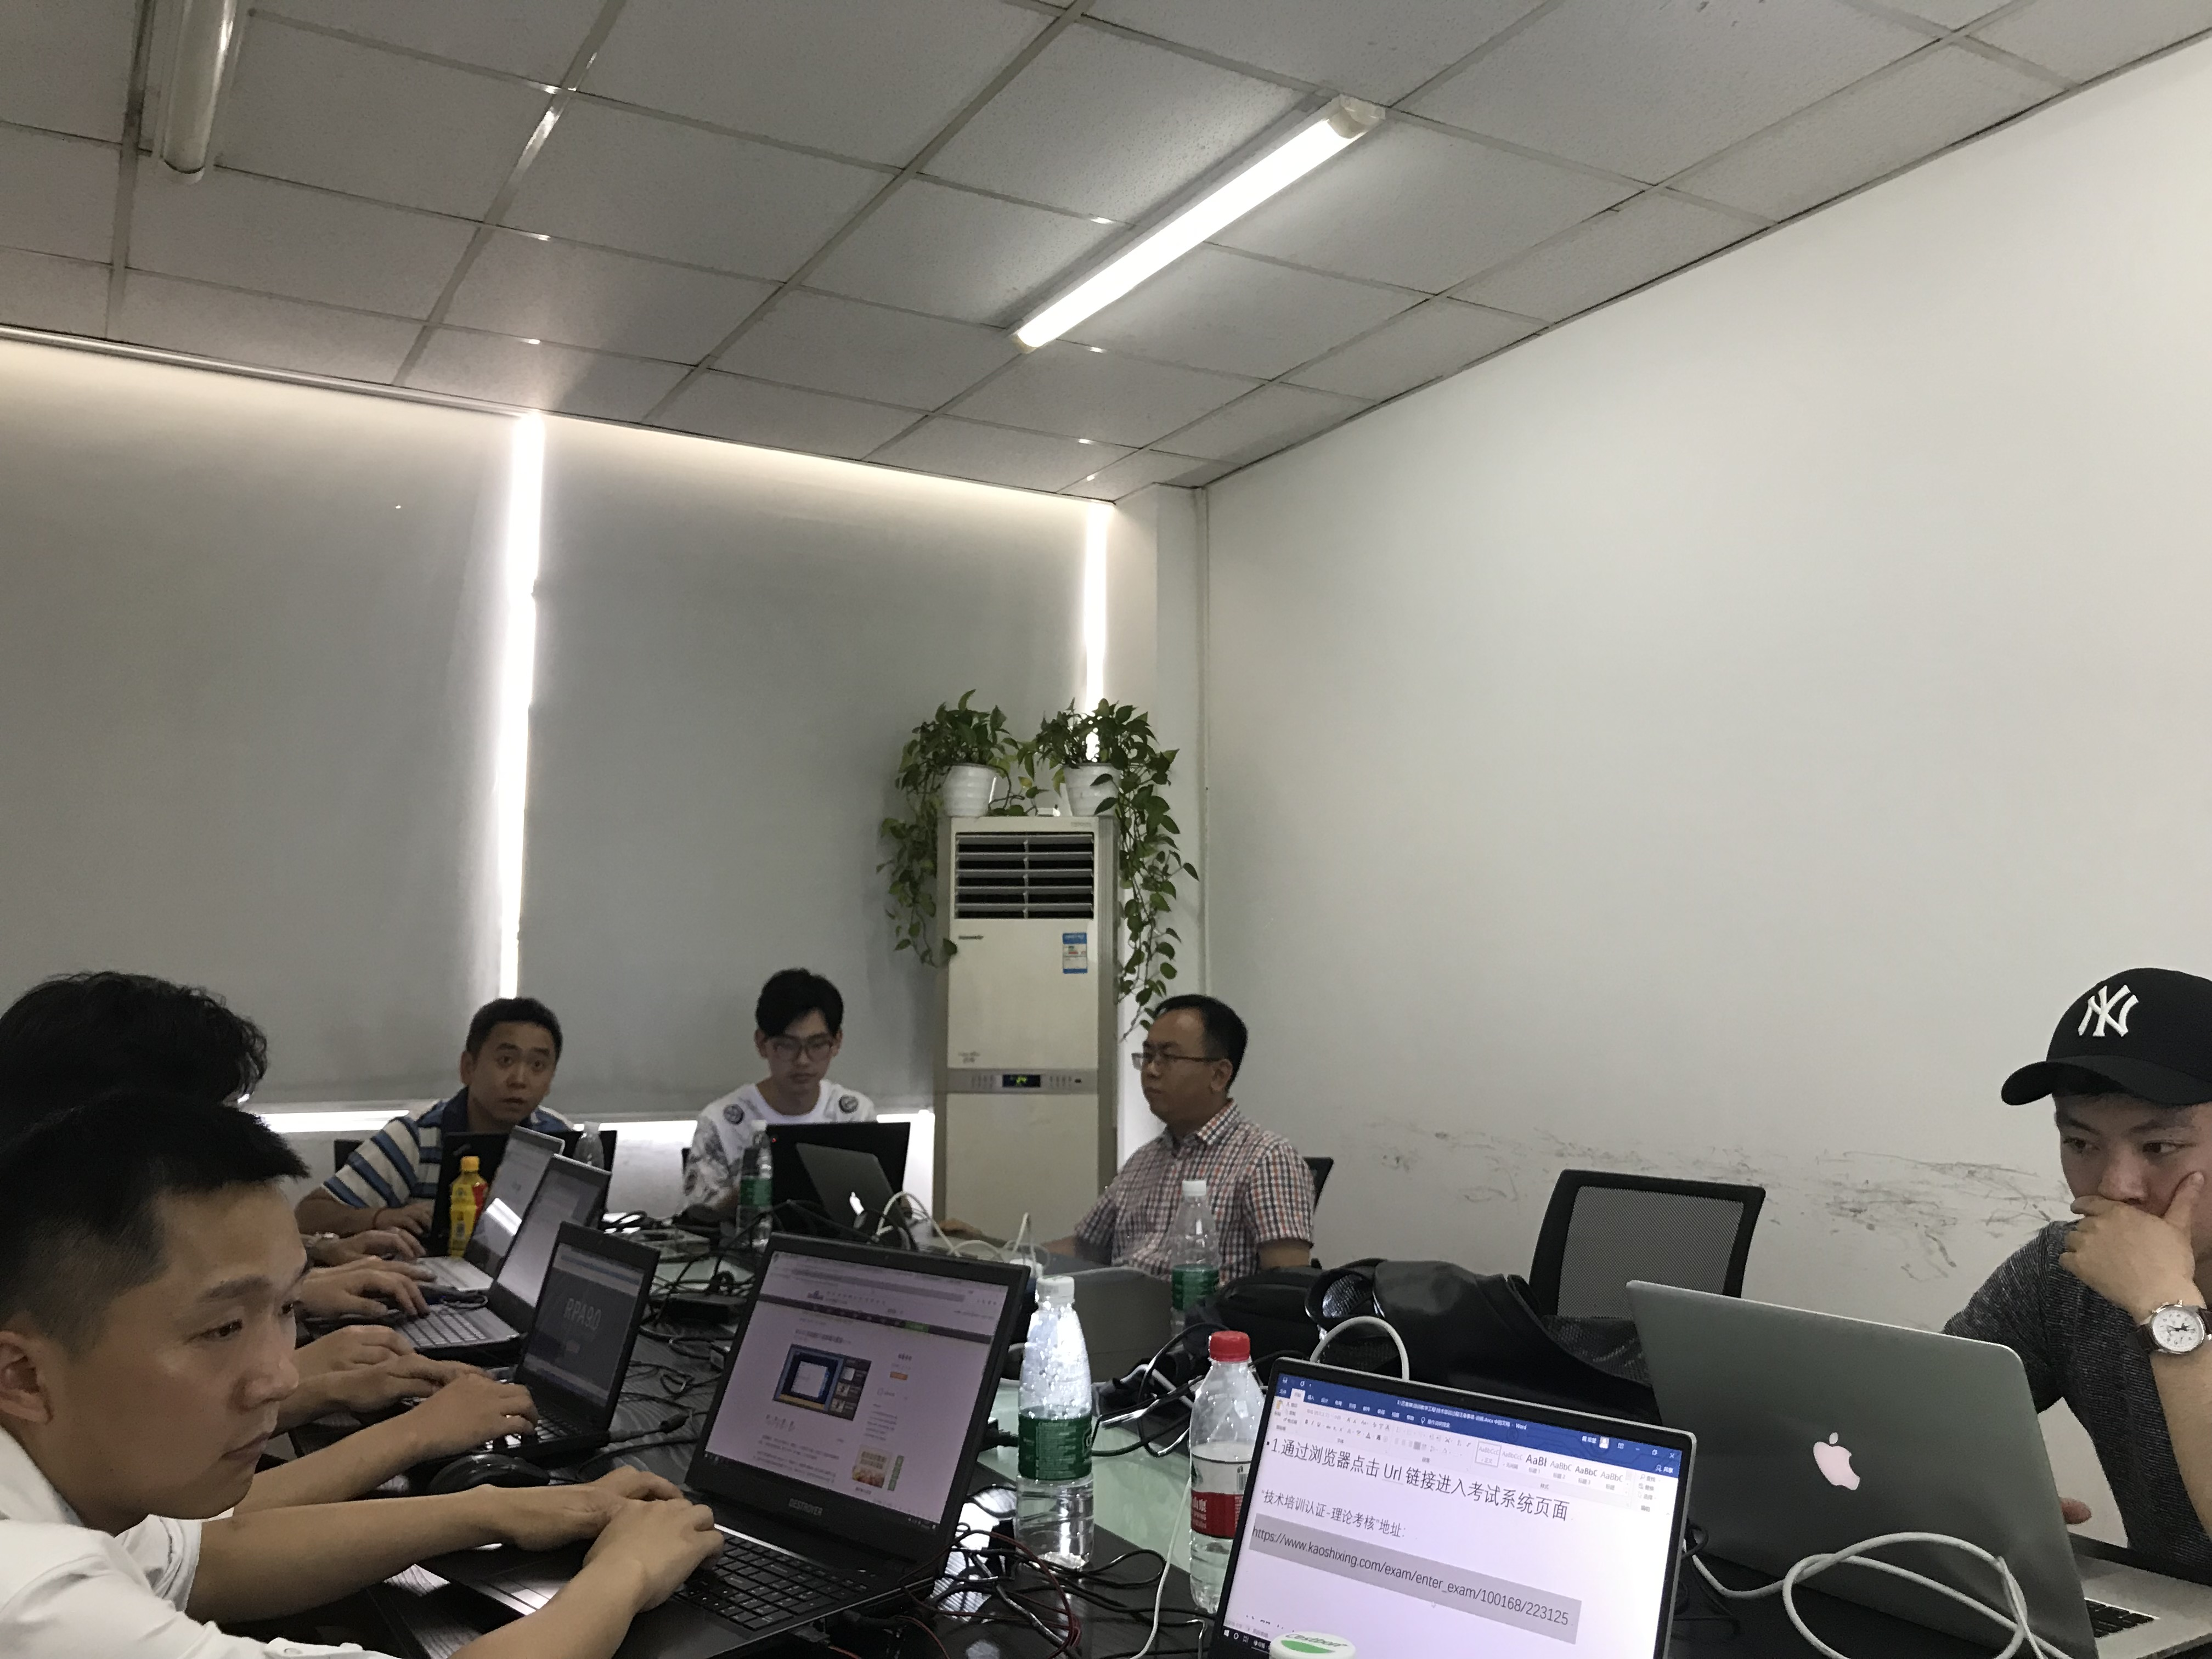 iS-RPA 技术认证培训 - 成都 20190612 班 - 培训开始